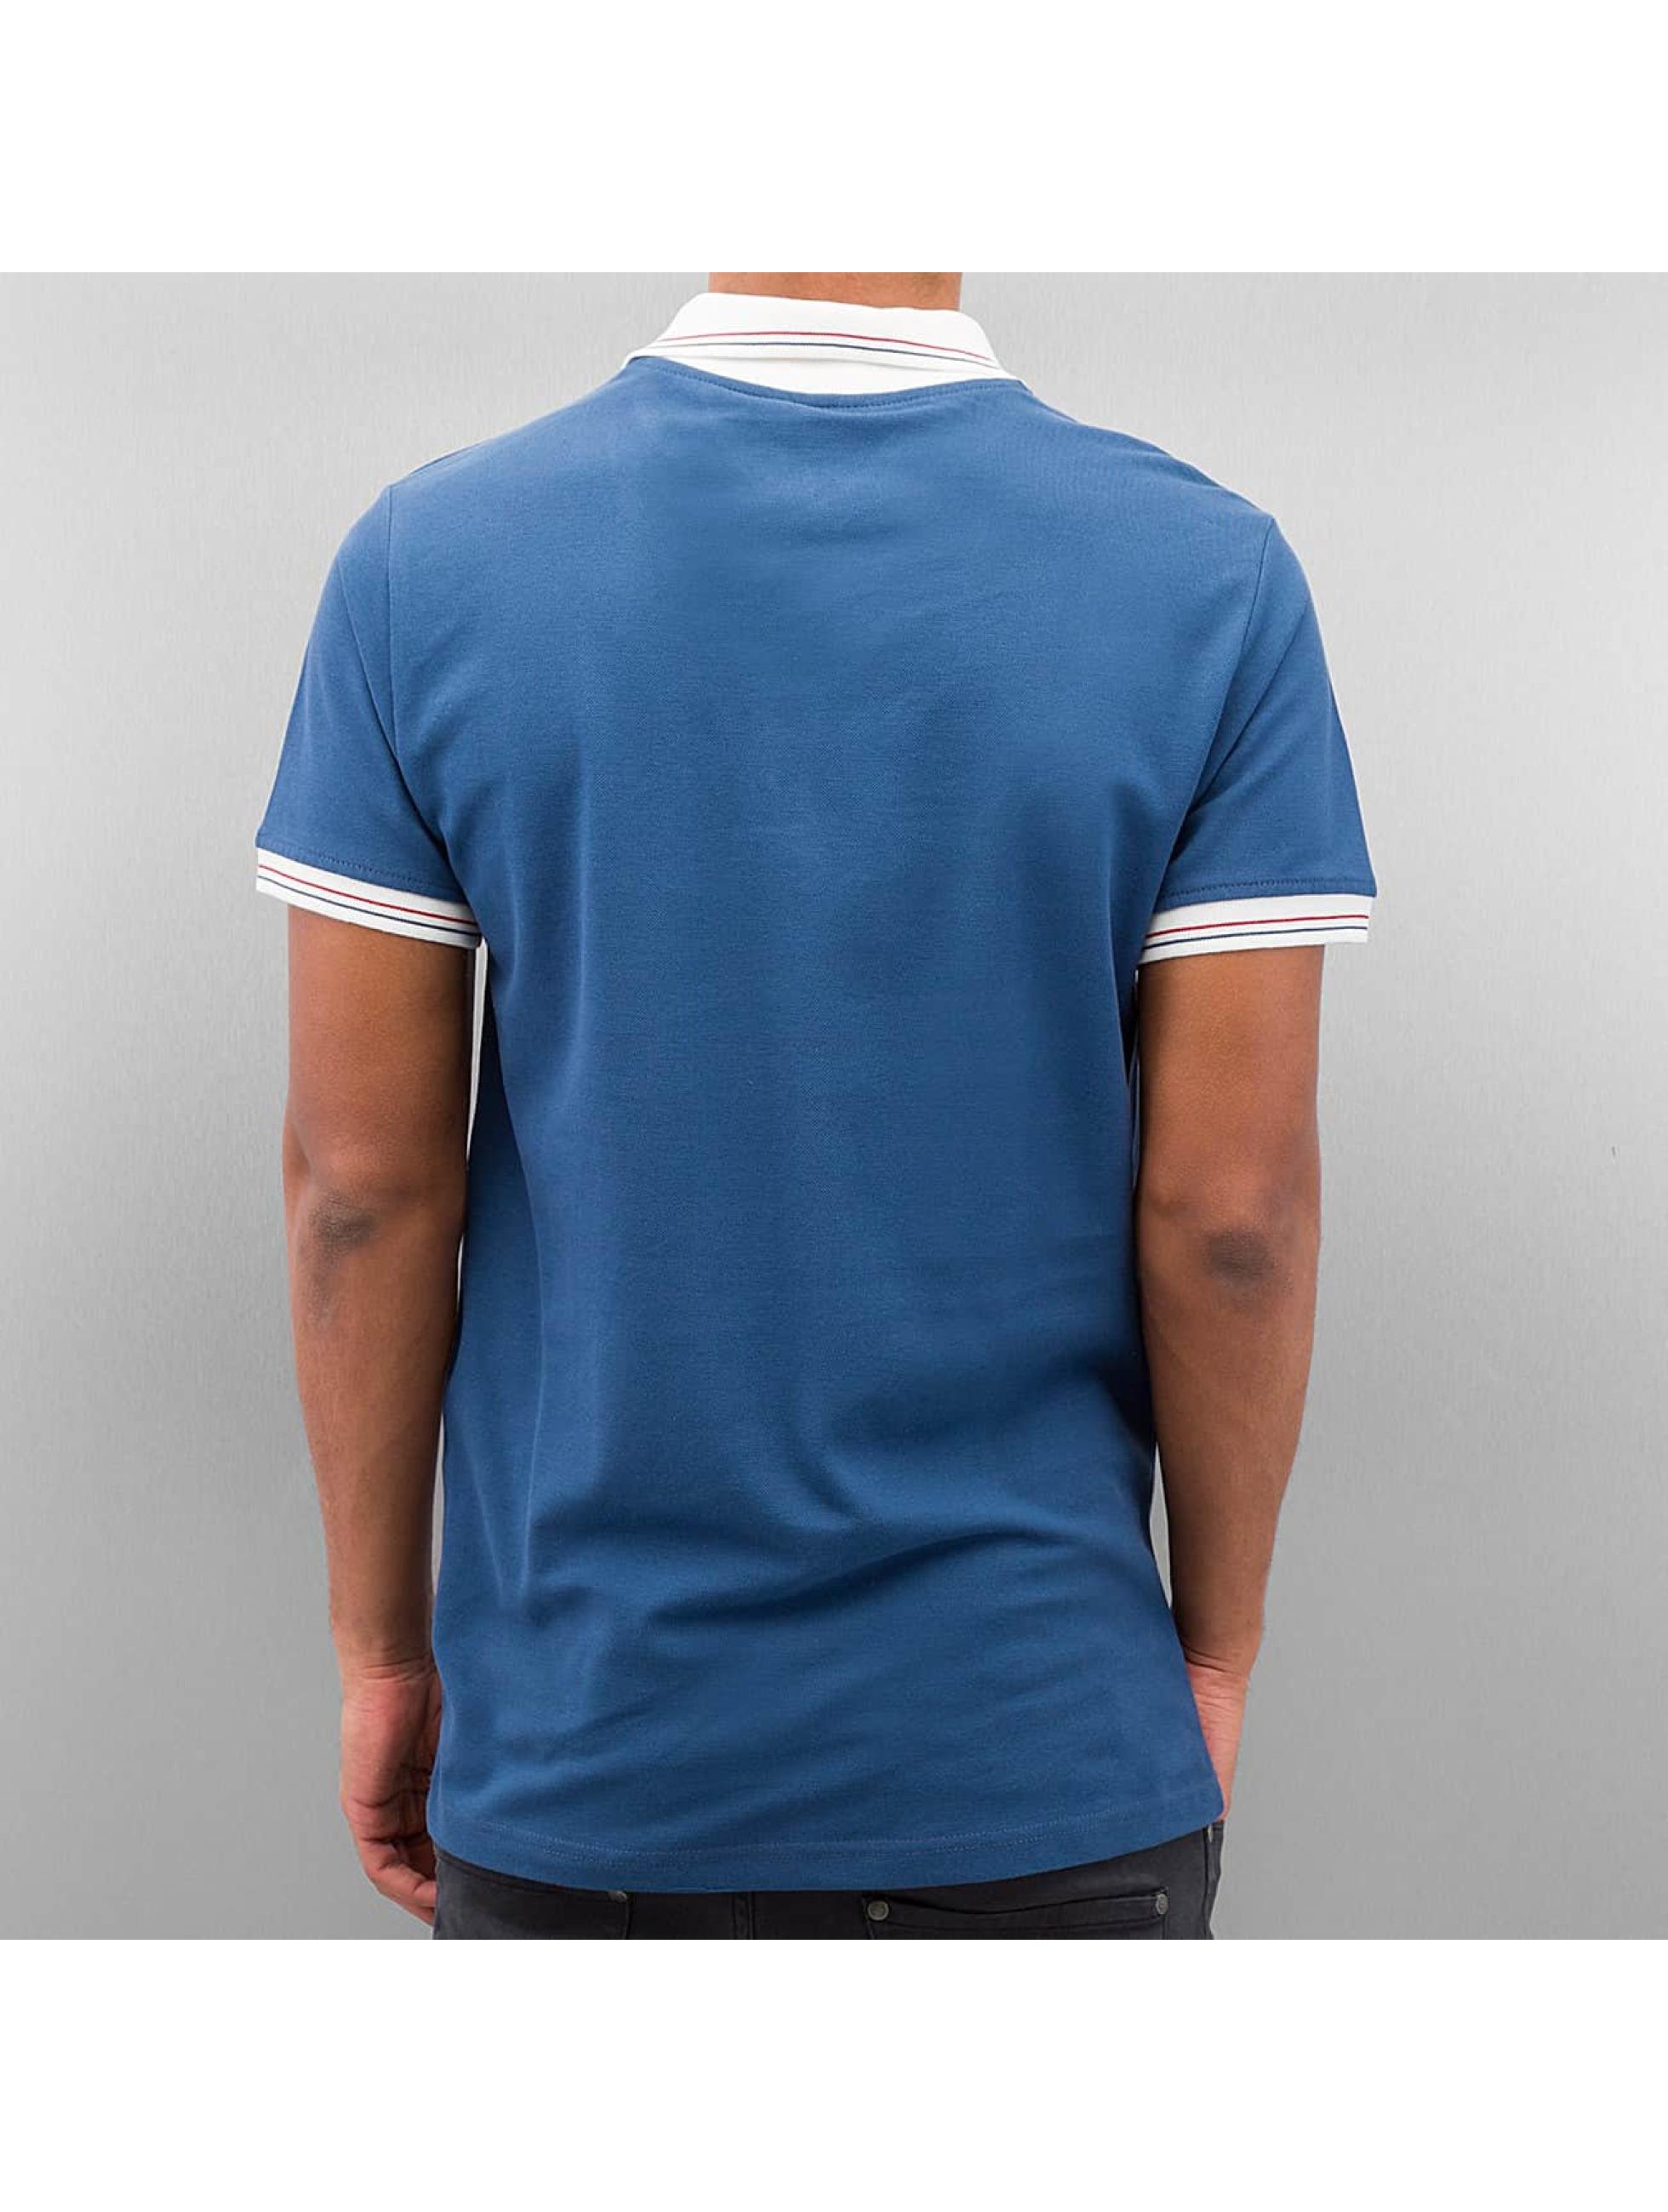 Cazzy Clang Camiseta polo Damp azul